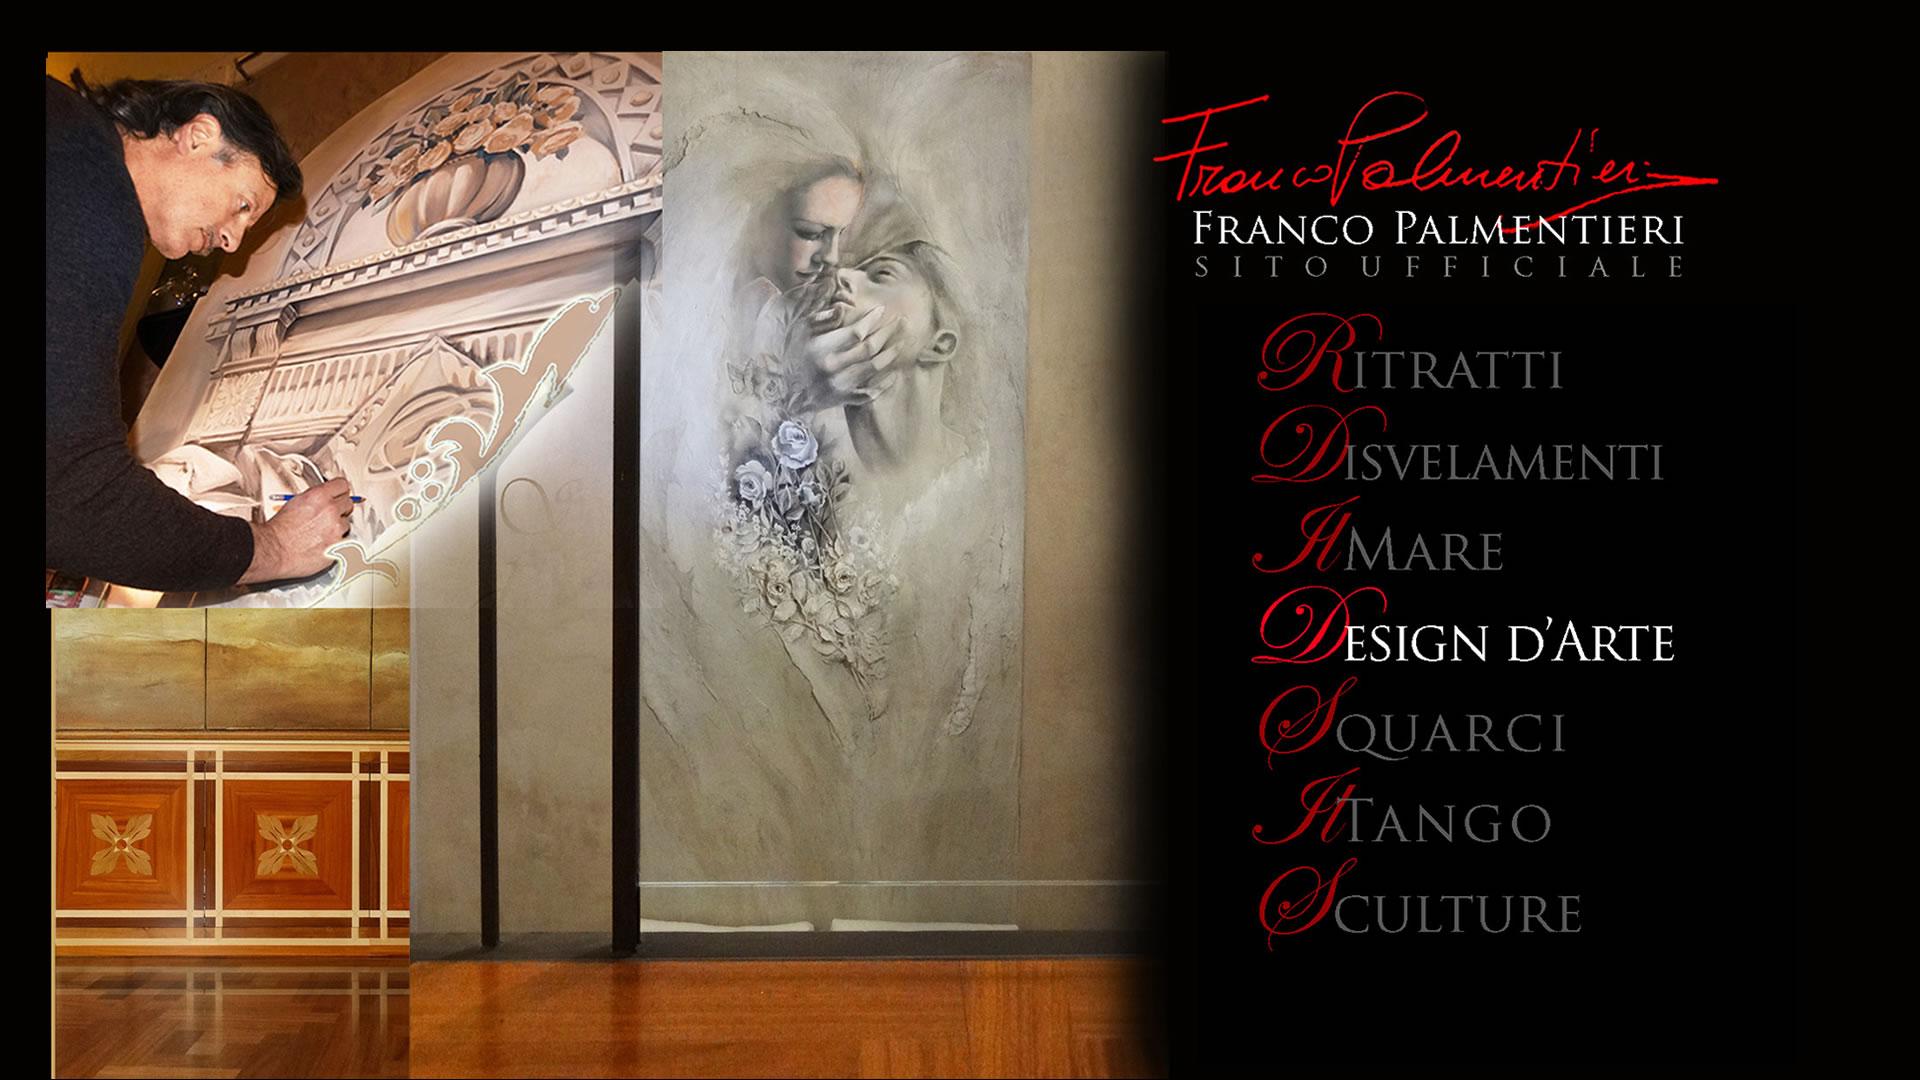 Segni d'arte - FrancoPalmentieri